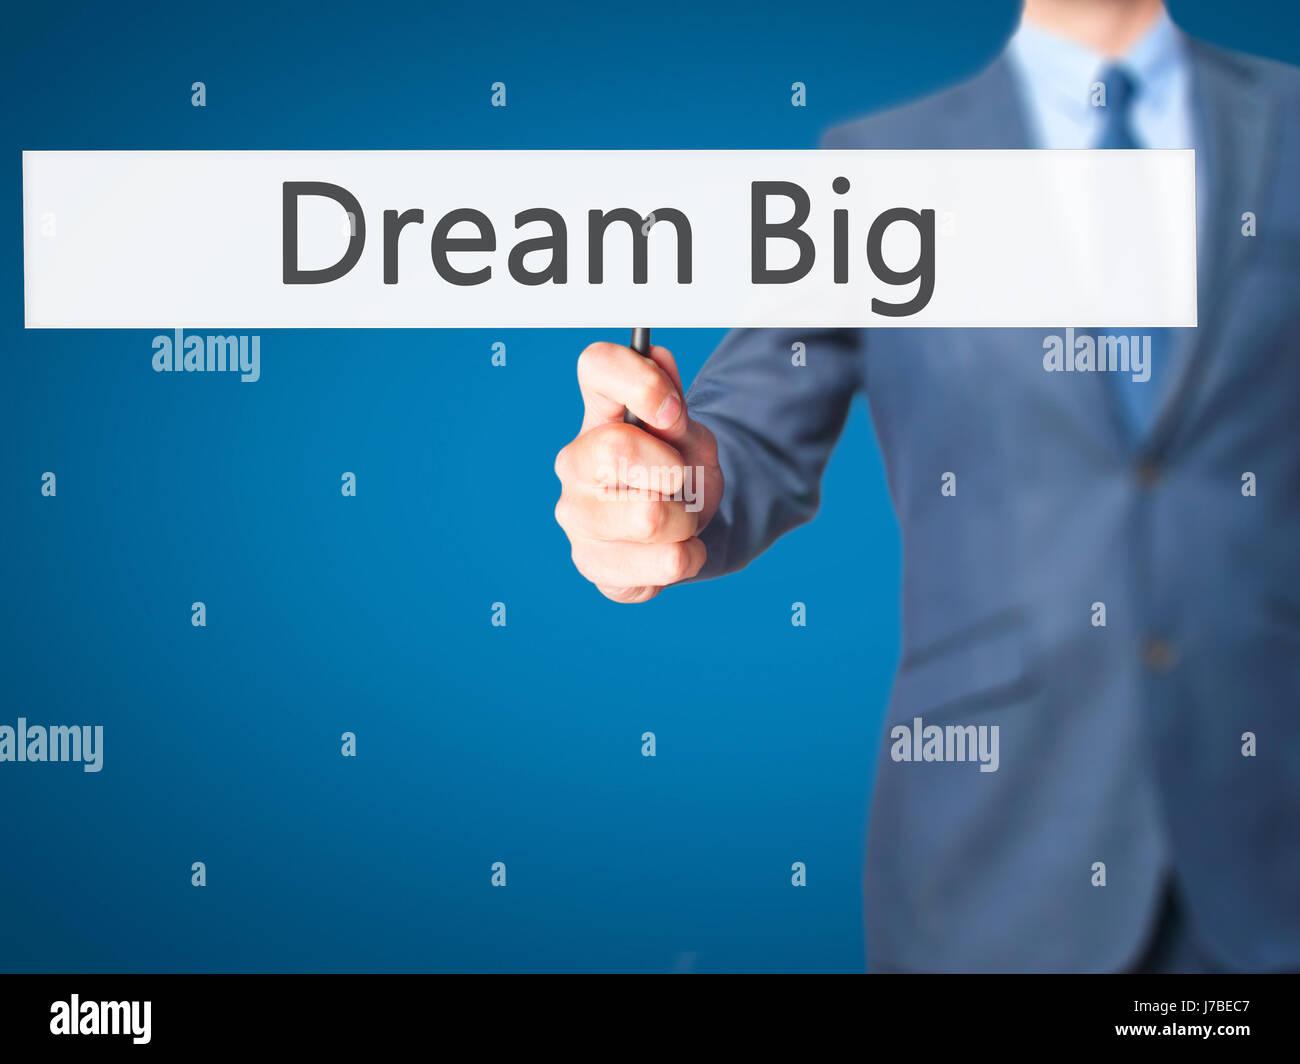 Dream Big Do Bigger Stock Photos & Dream Big Do Bigger Stock